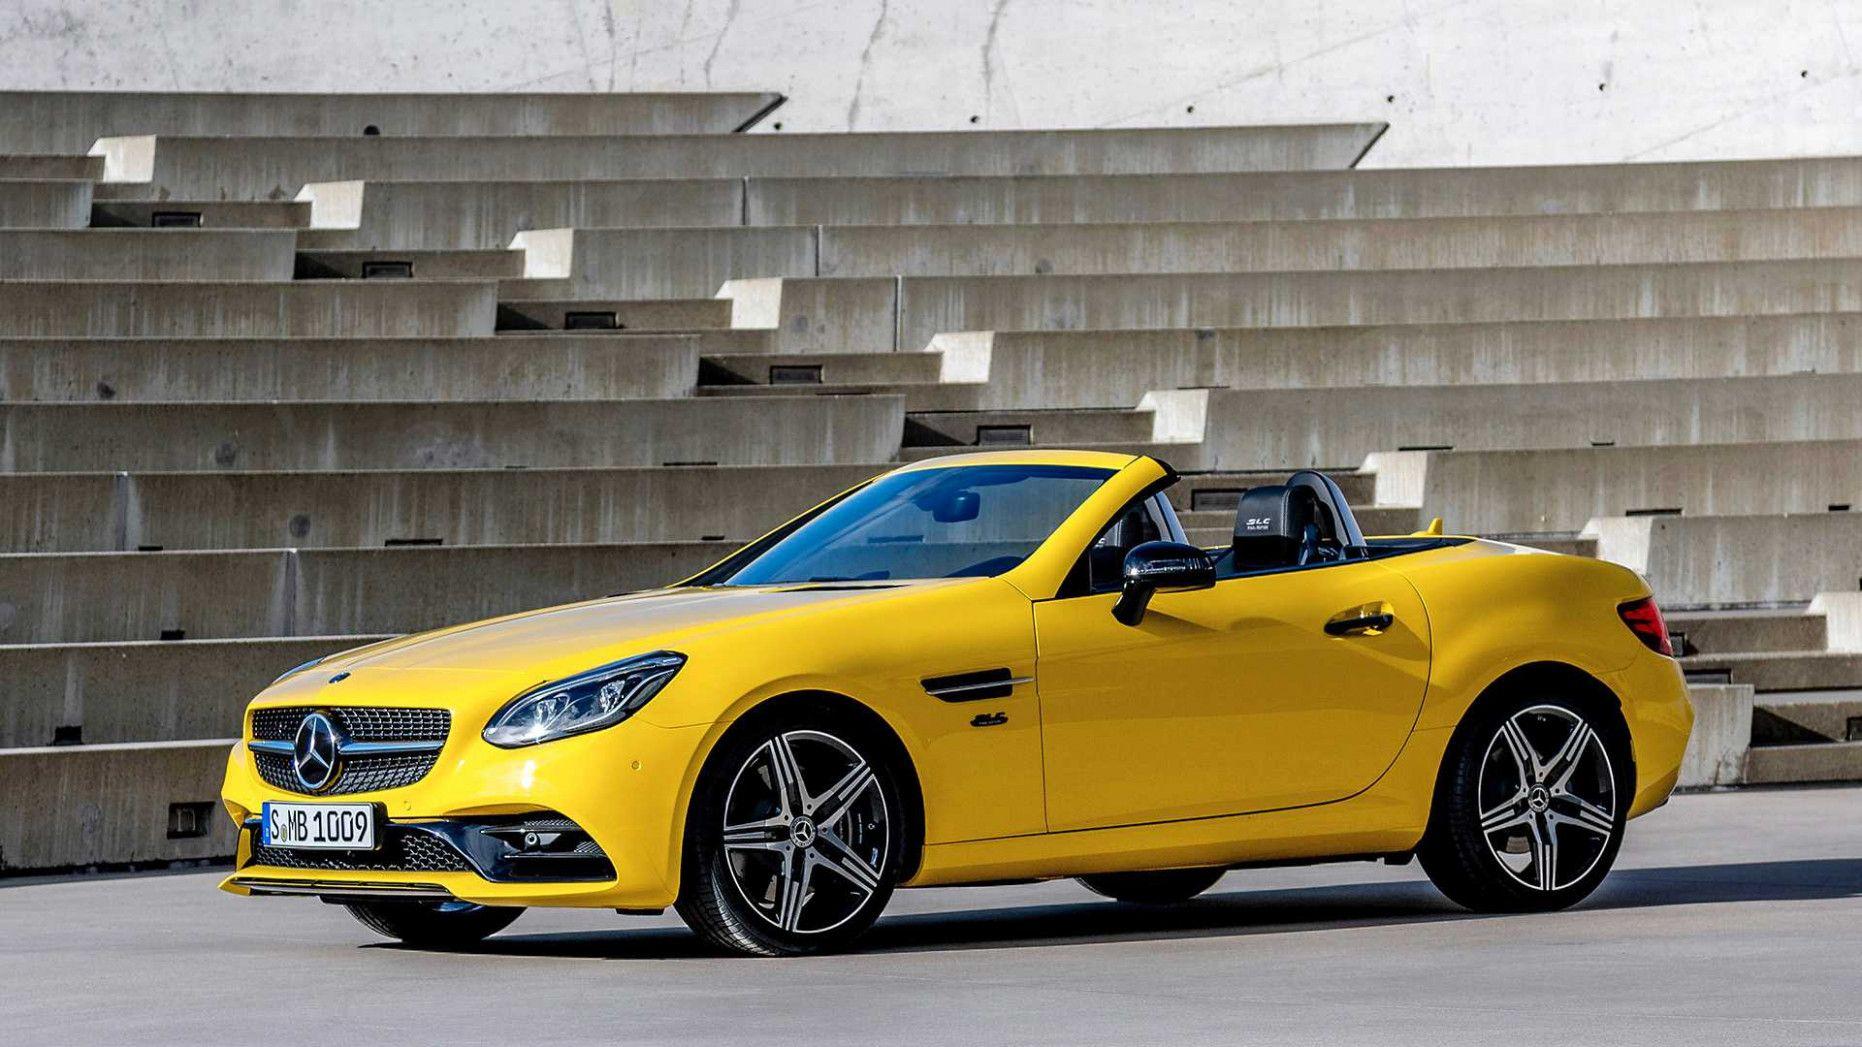 10 Image Mercedes Slc 2020 in 2020 Mercedes slc